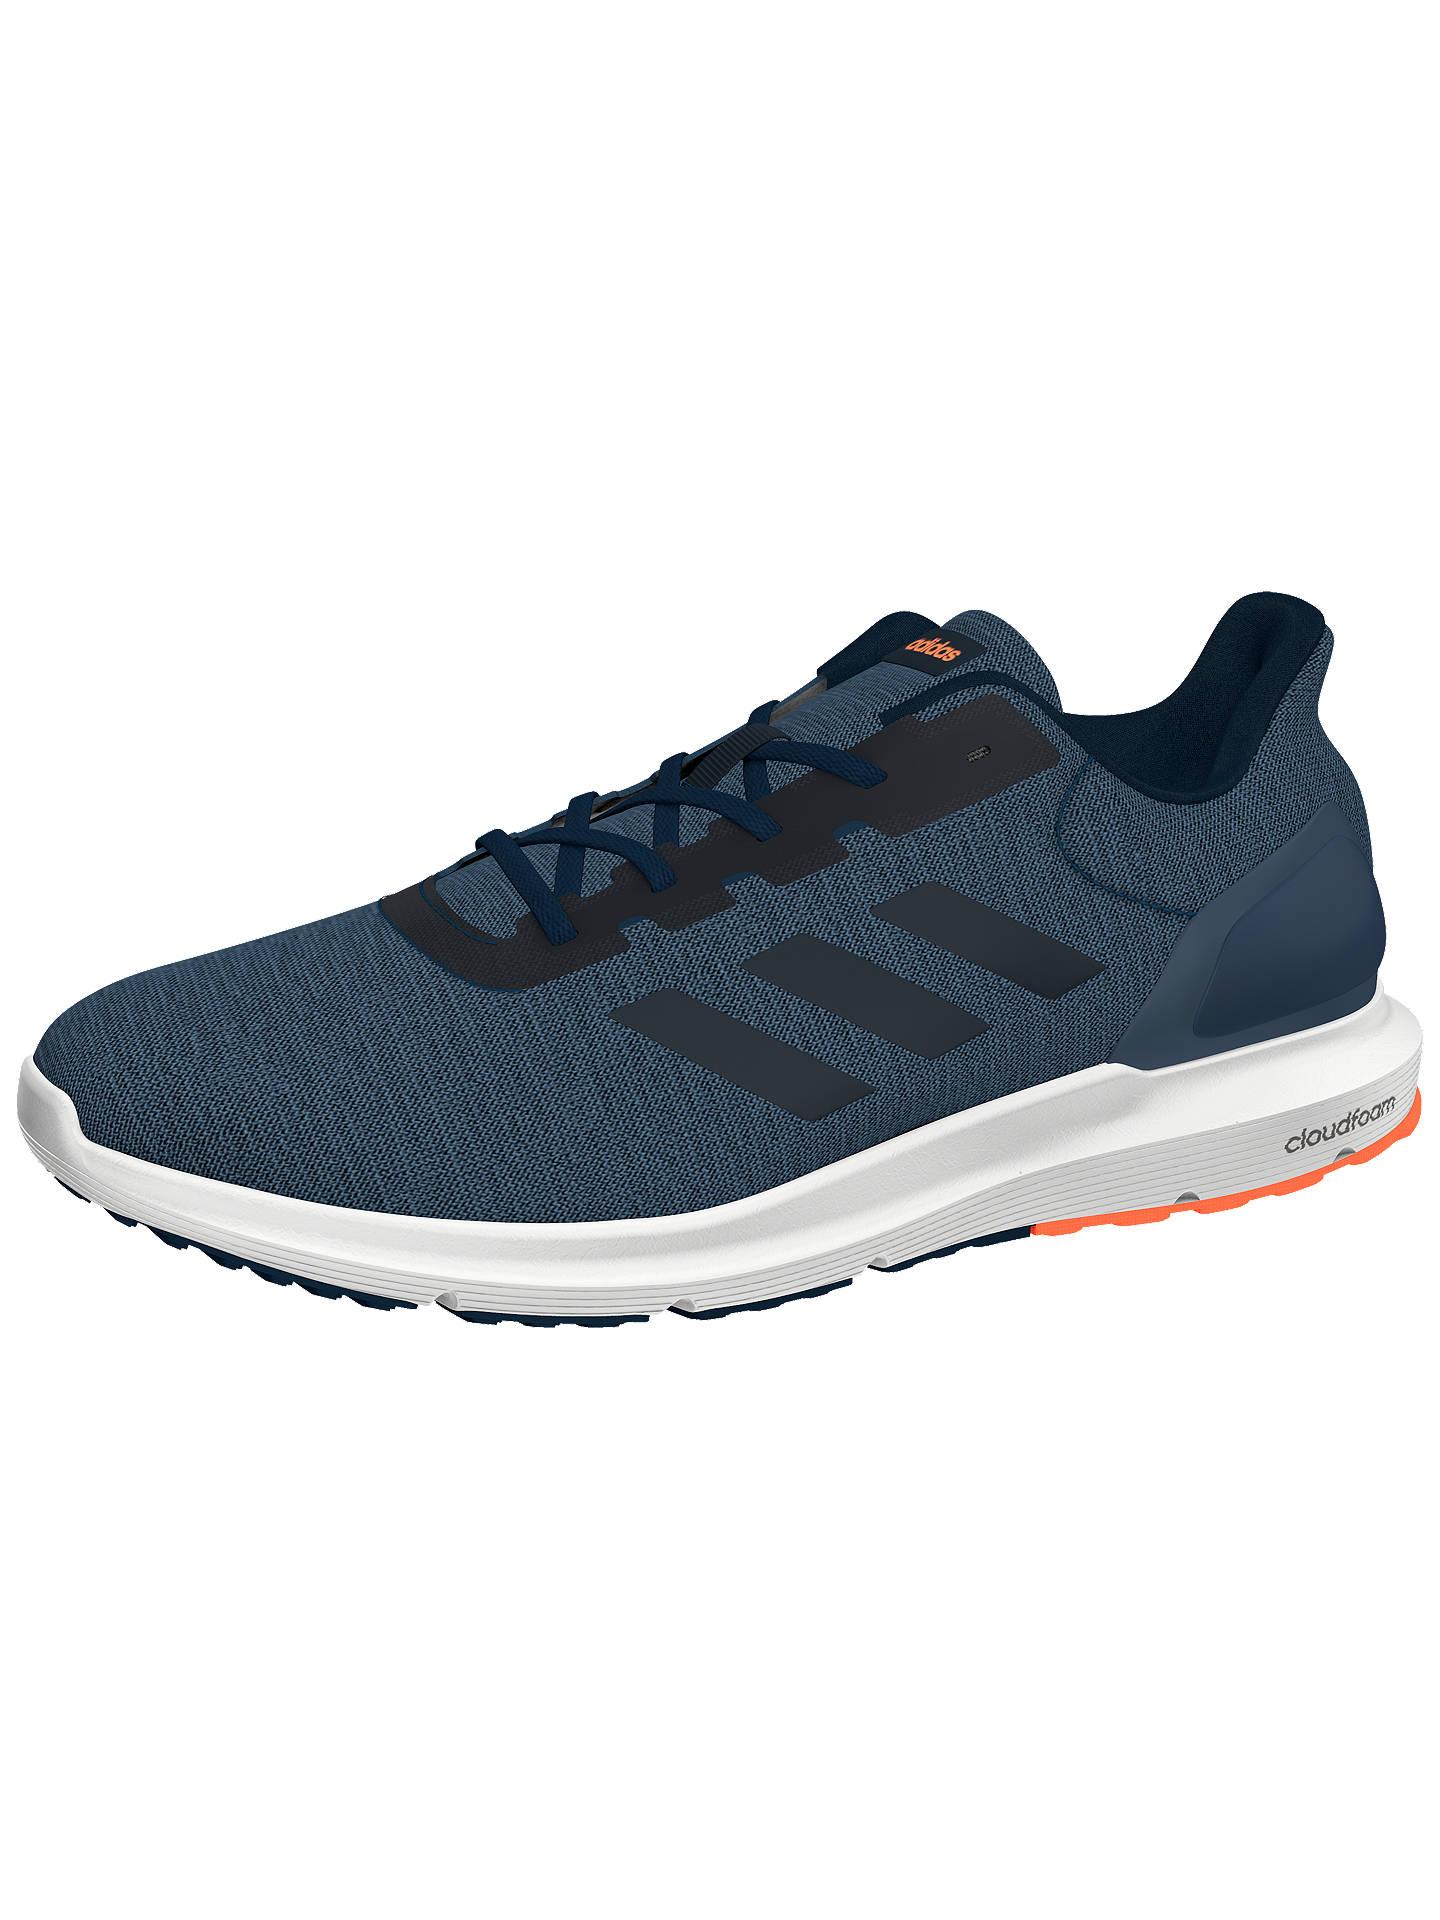 e11902e7626 ... Buyadidas Cosmic 2.0 Men s Running Shoes